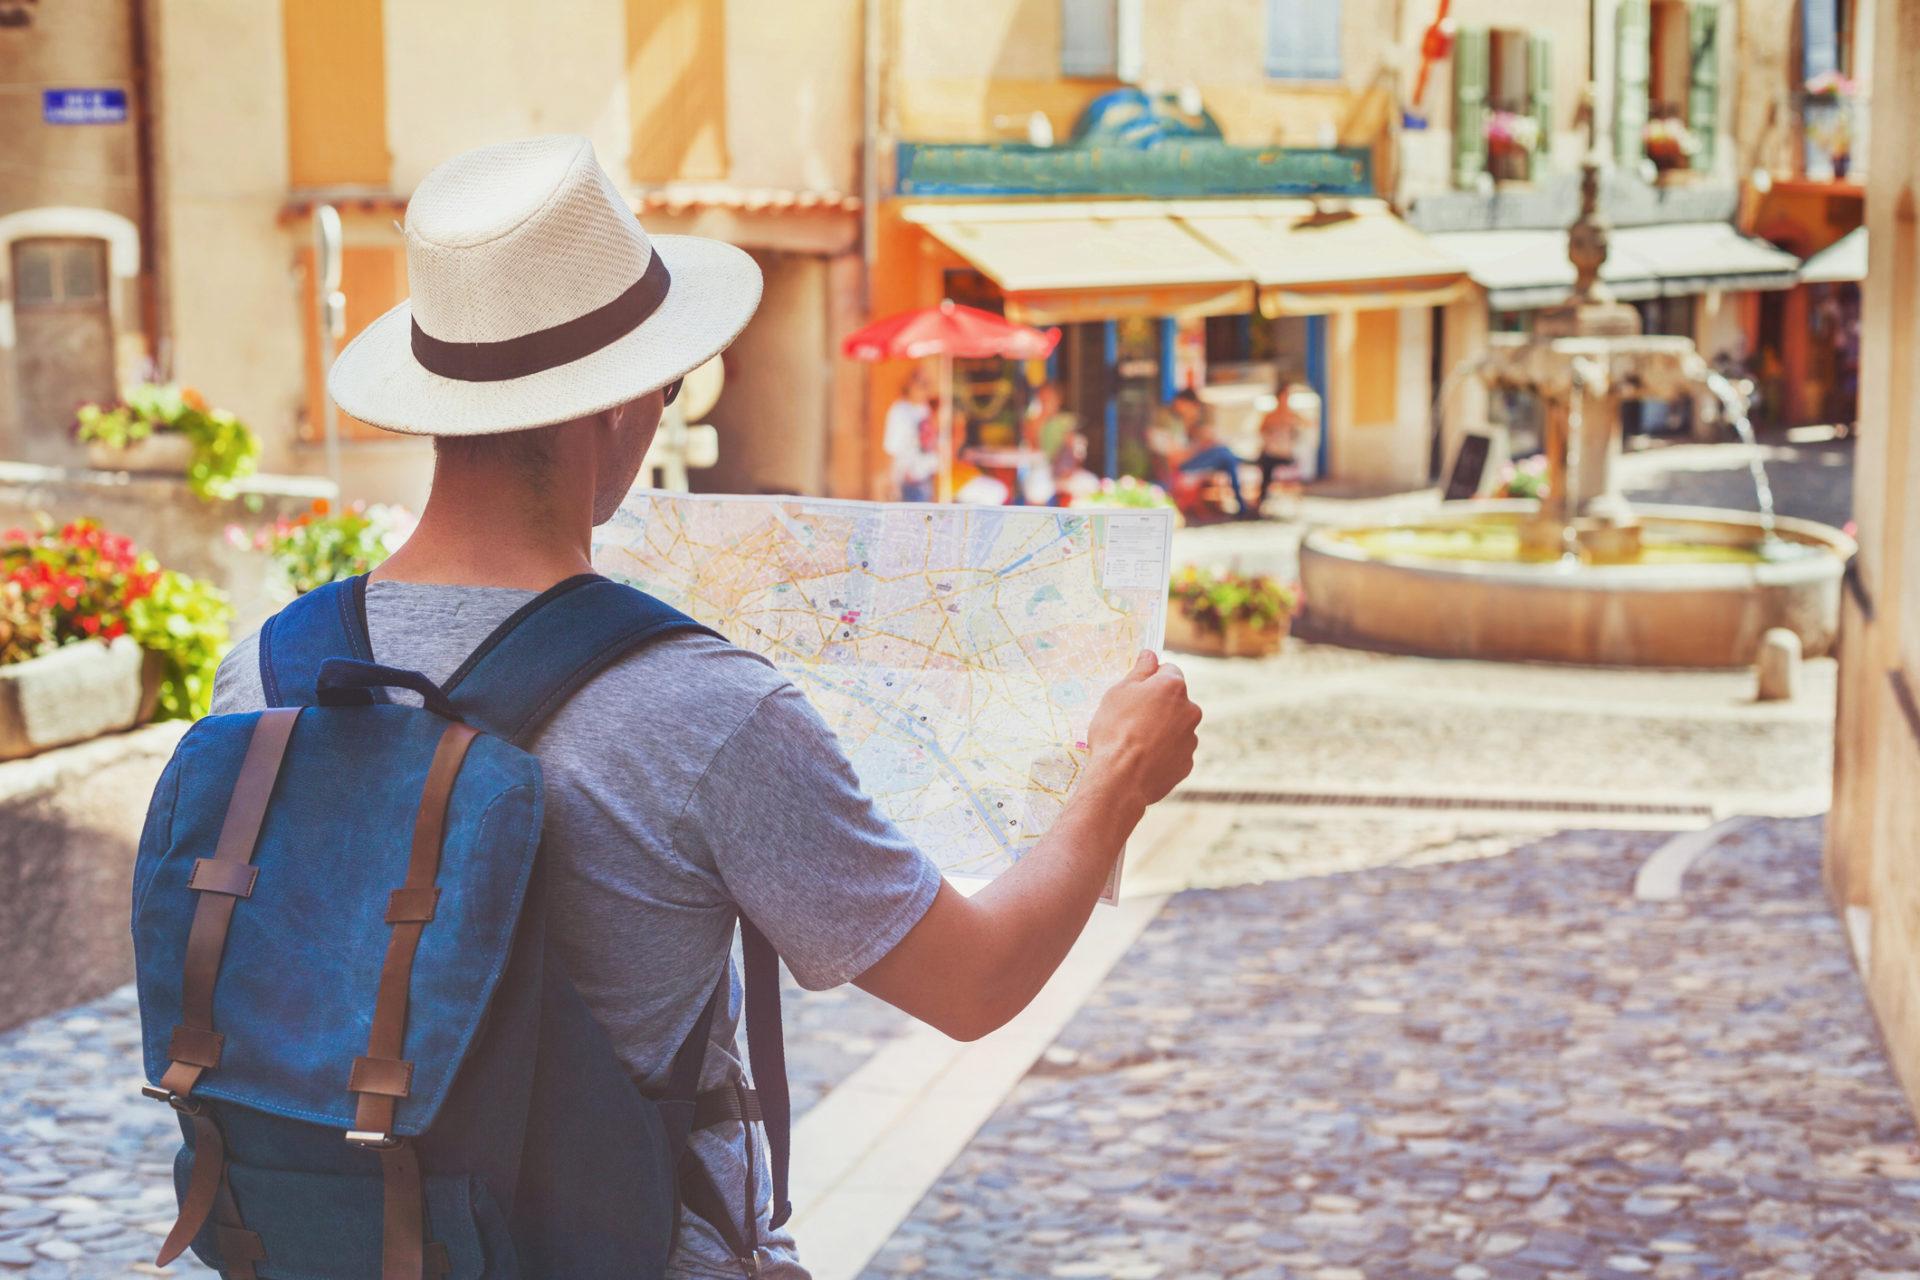 טיולים ונופש באירופה עם דרכון פורטוגלי